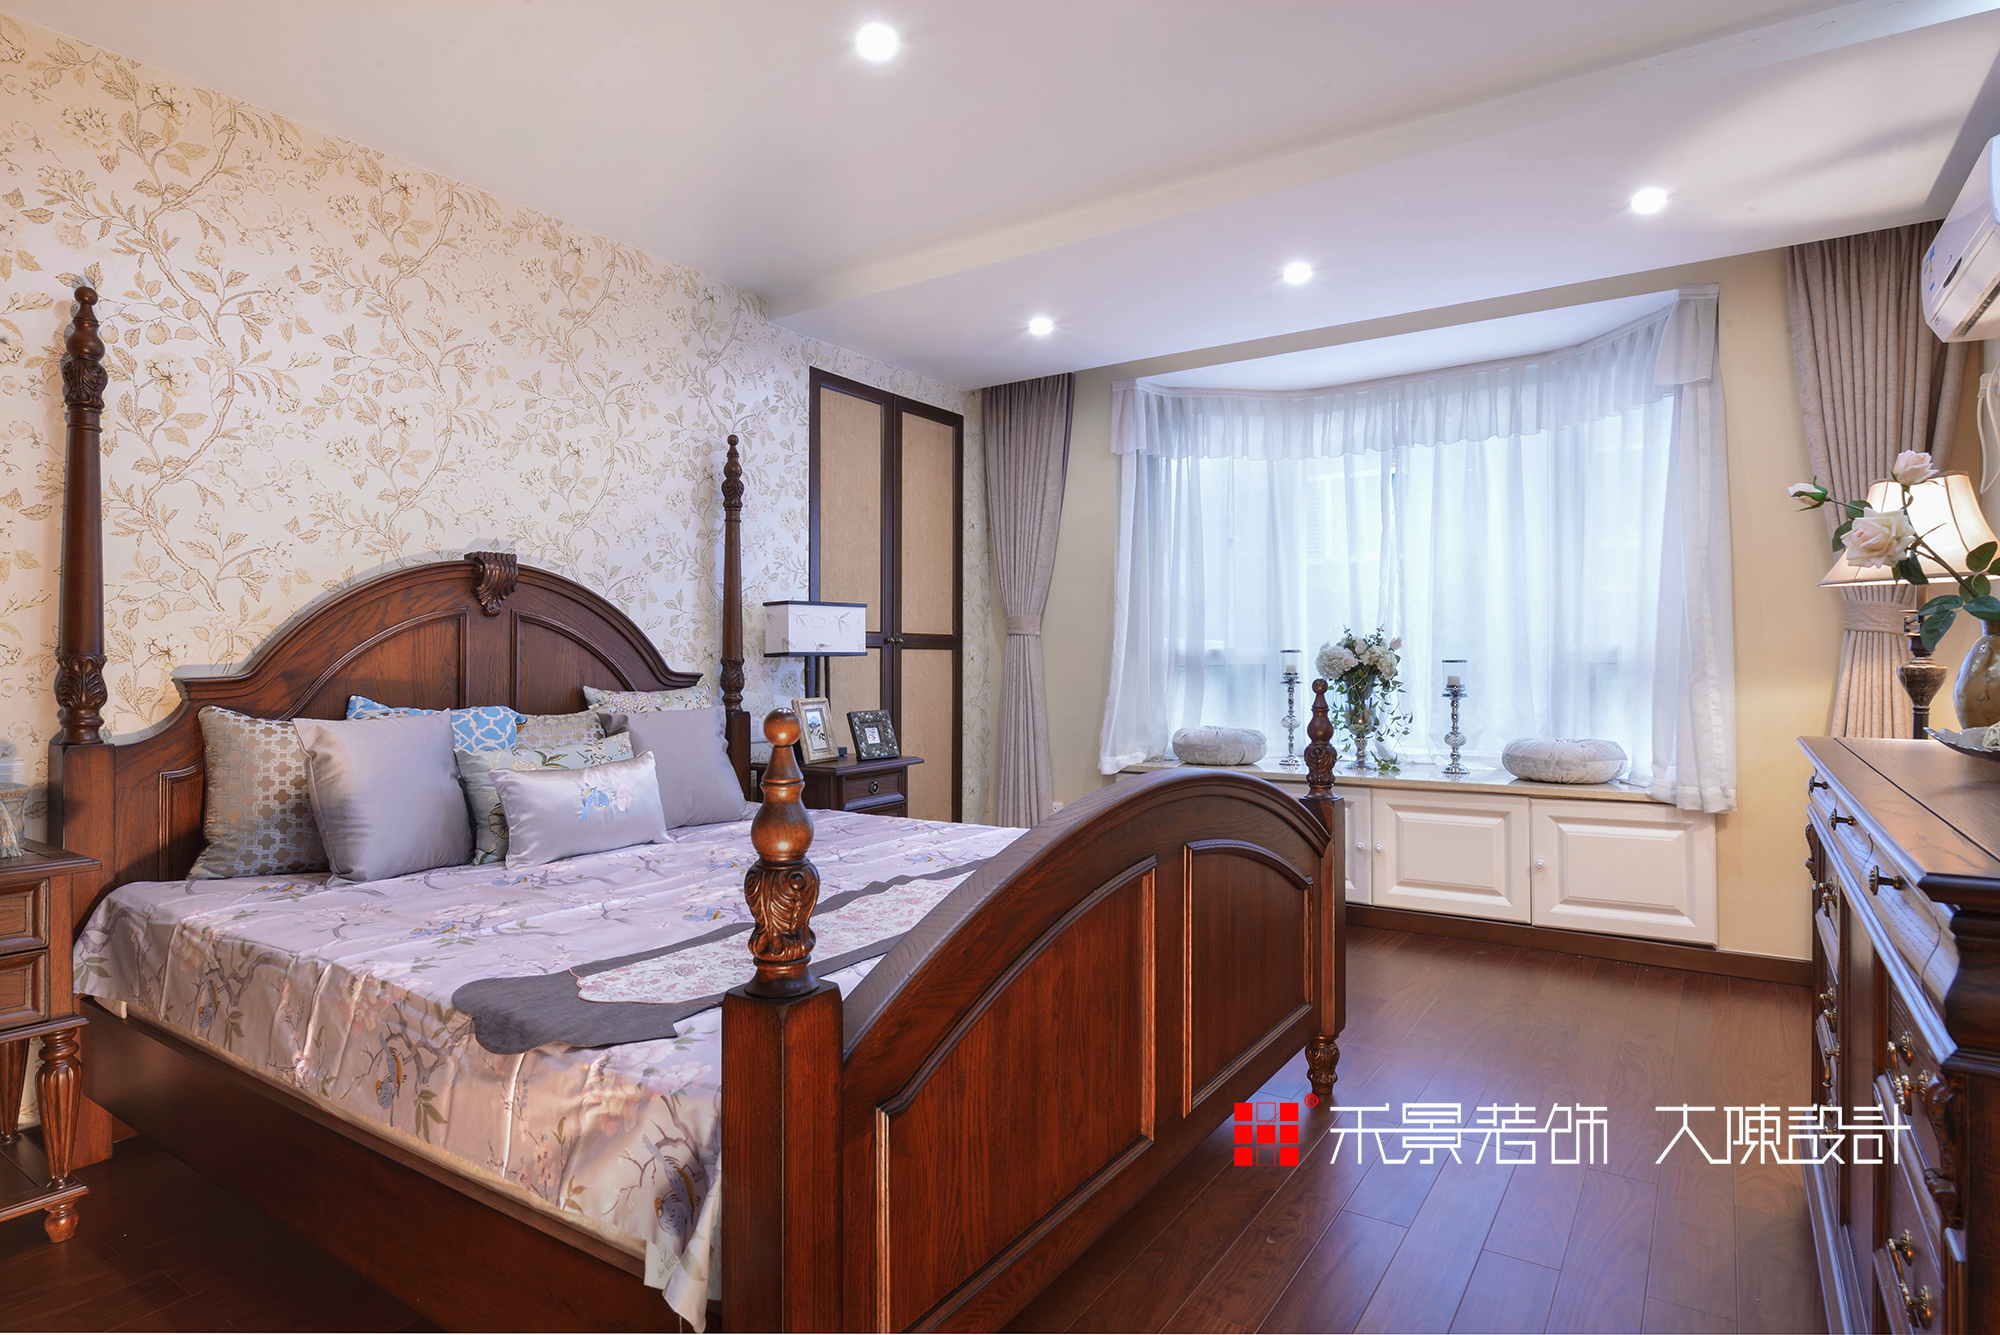 中式 卧室图片来自禾景大陈设计在空谷幽兰亦芬芳的分享